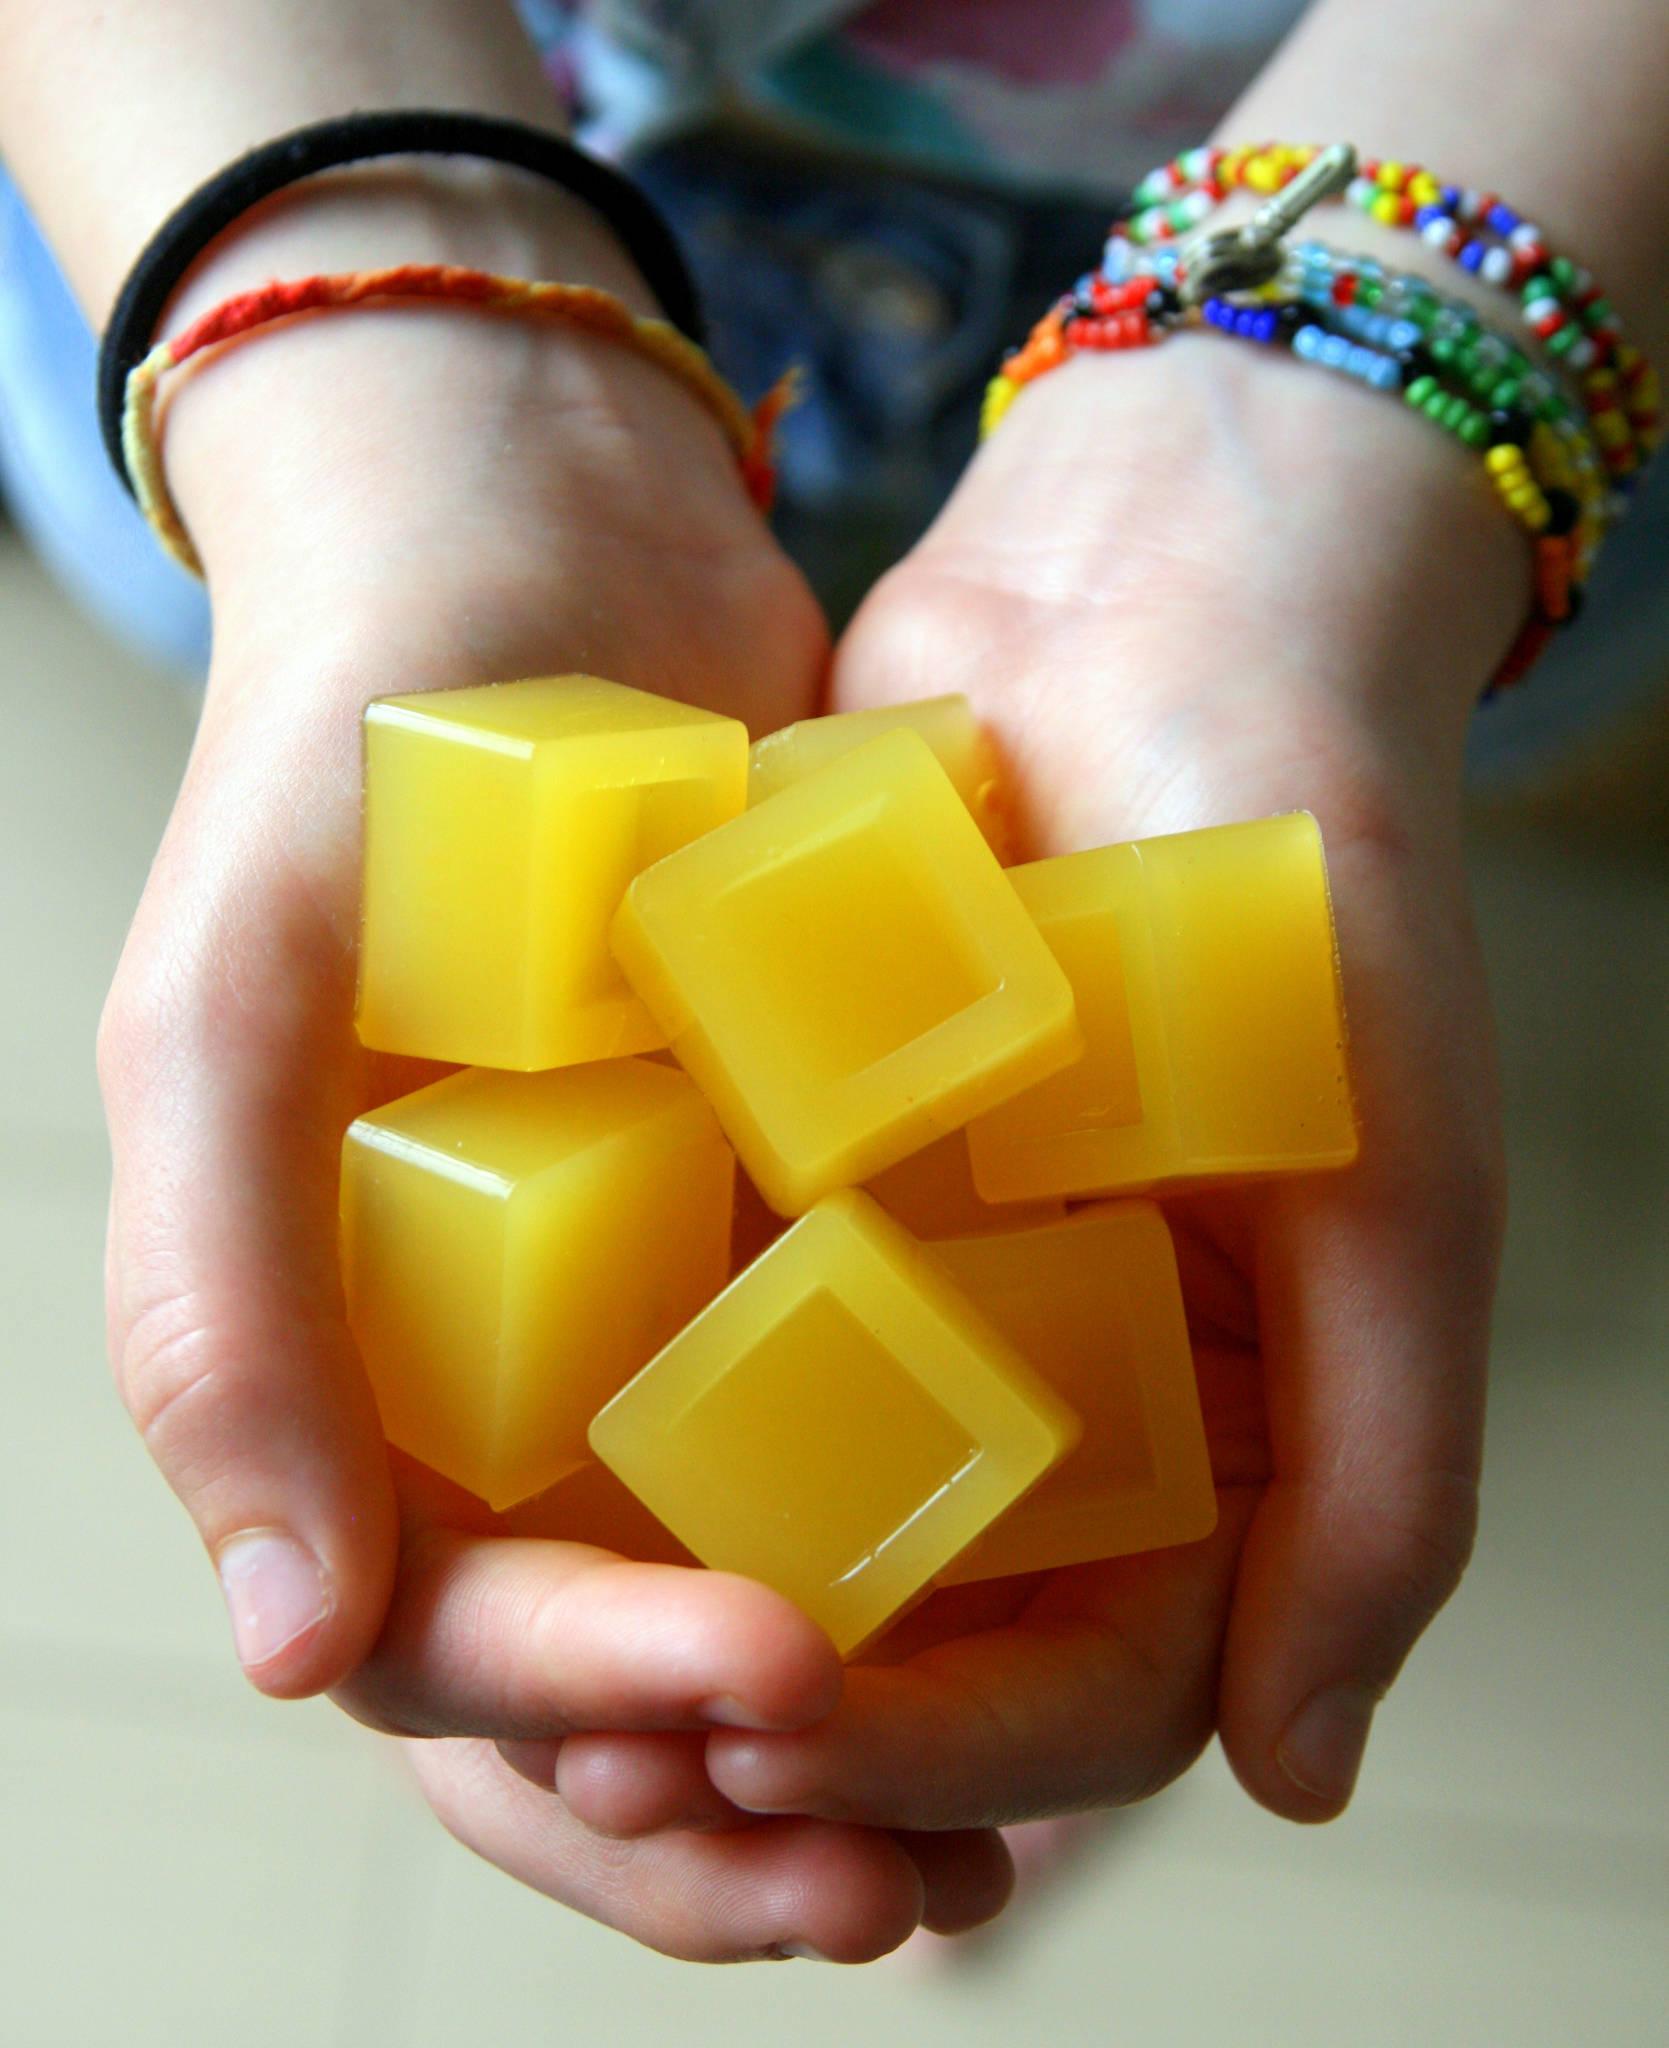 Bonbons gélifiés au jus d'orange